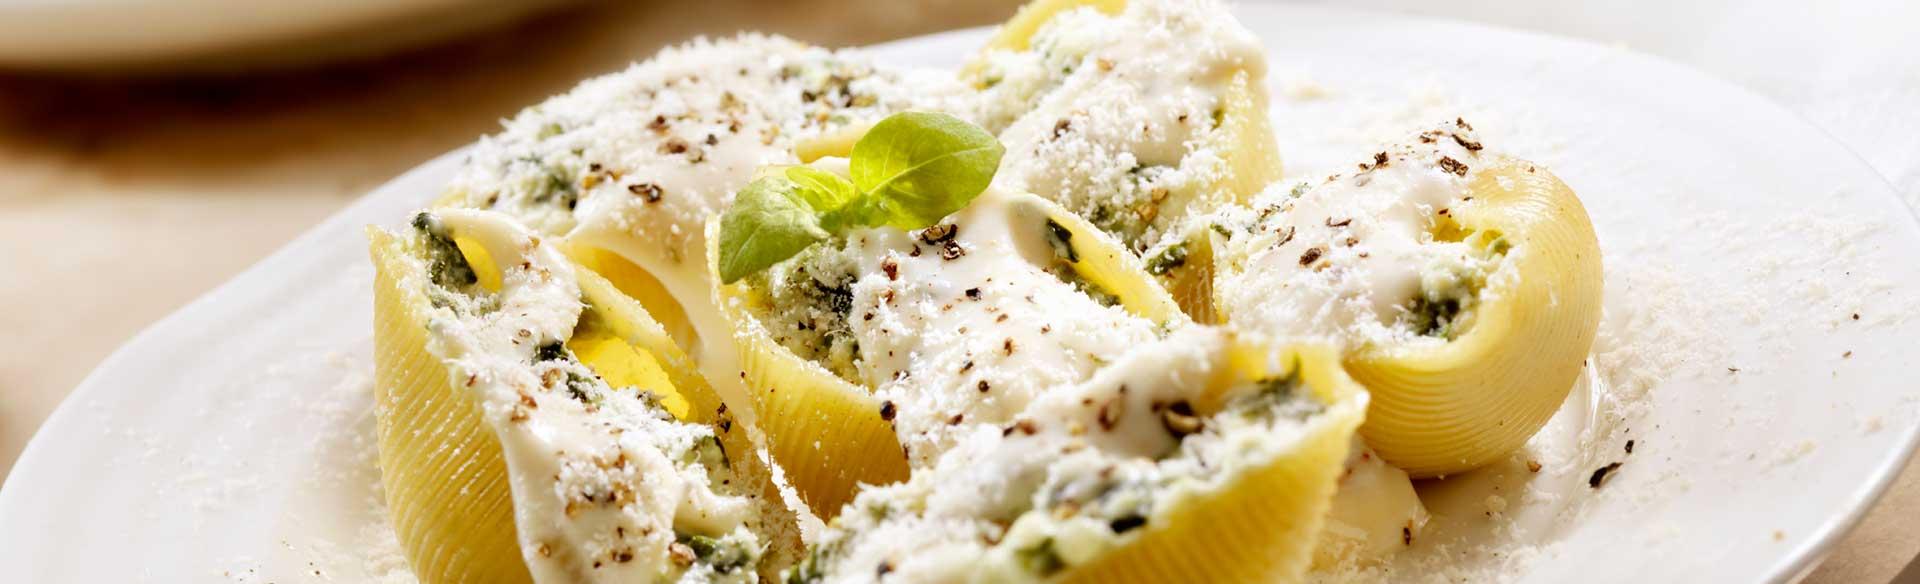 stuffed-shells-cheese-florentine